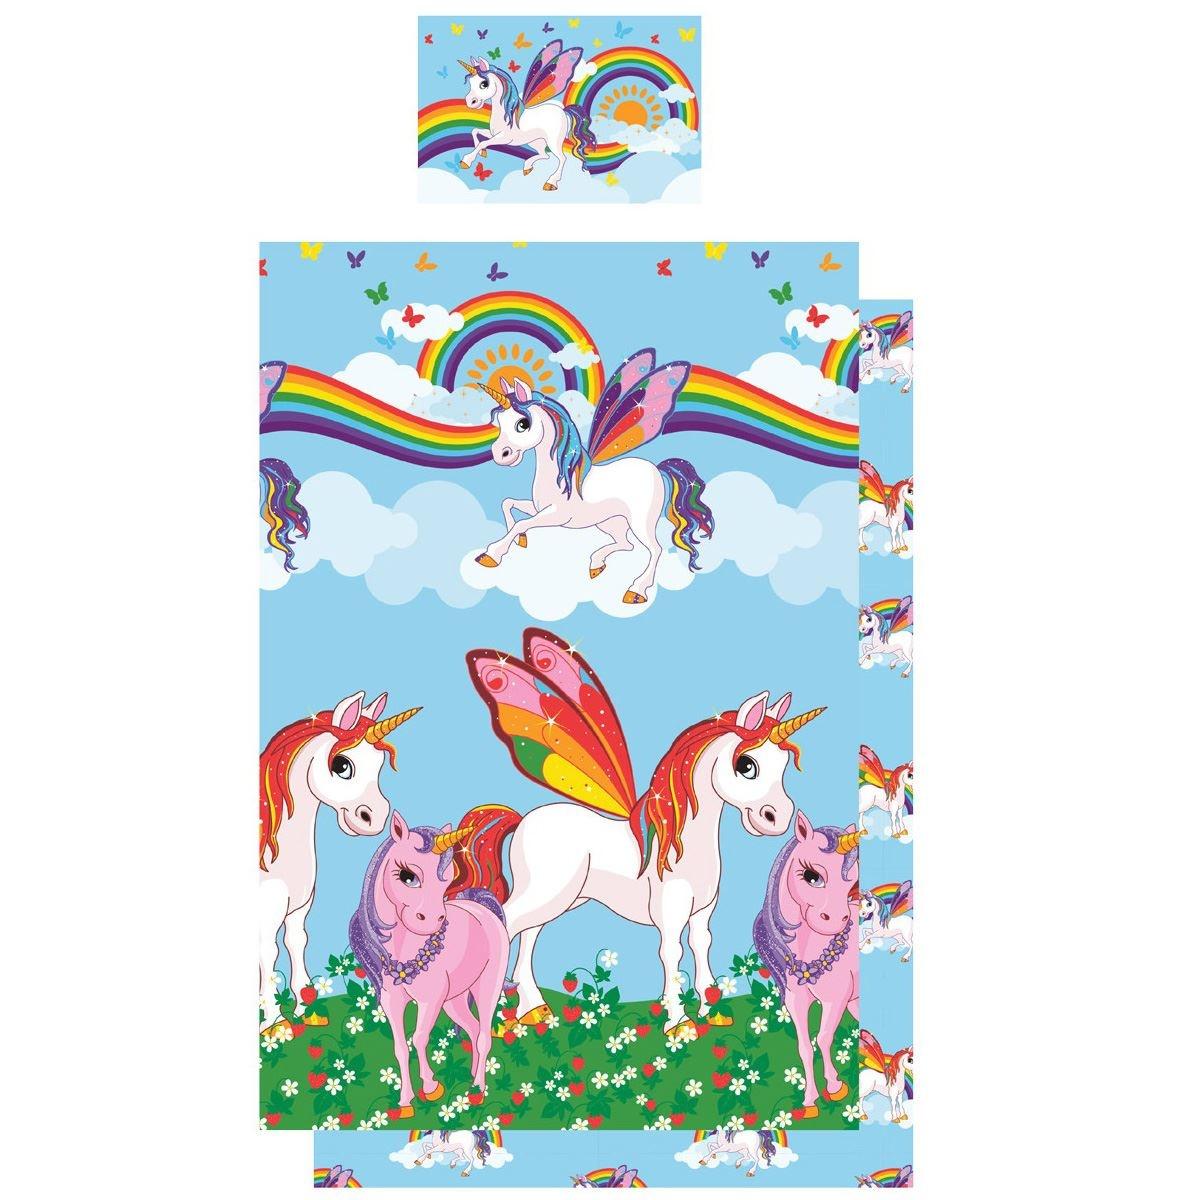 Kidz Regenboog Unicorn Dekbedovertrek